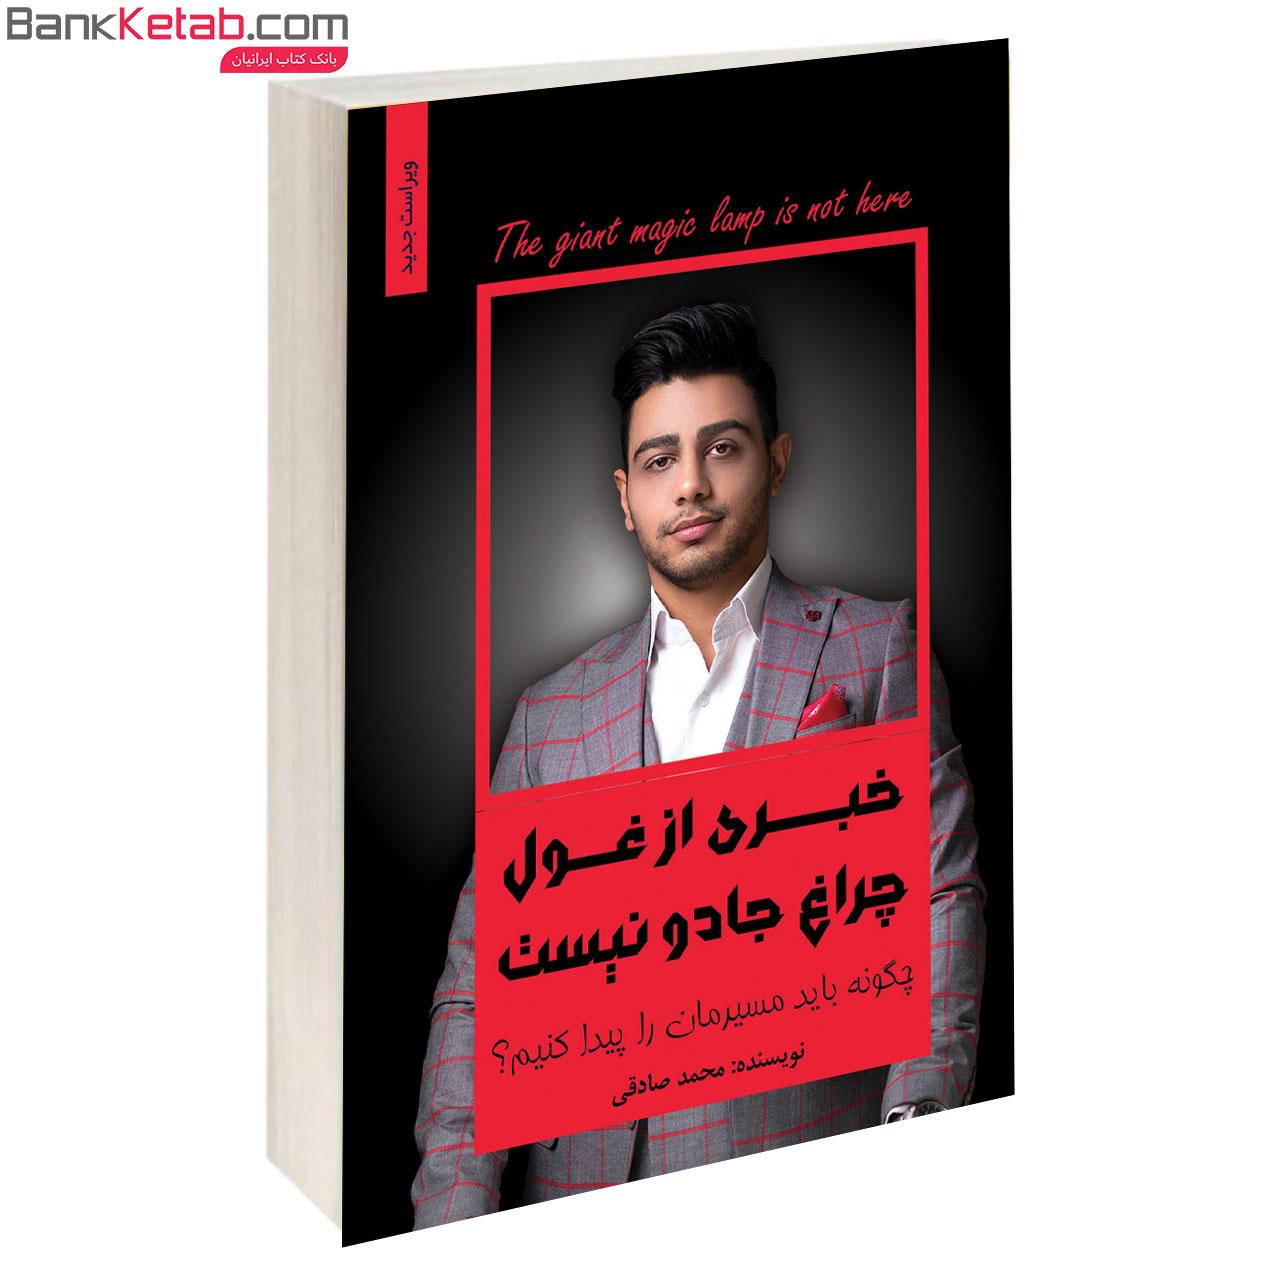 کتاب خبری از غول چراغ جادو نیست اثر محمد صادقی